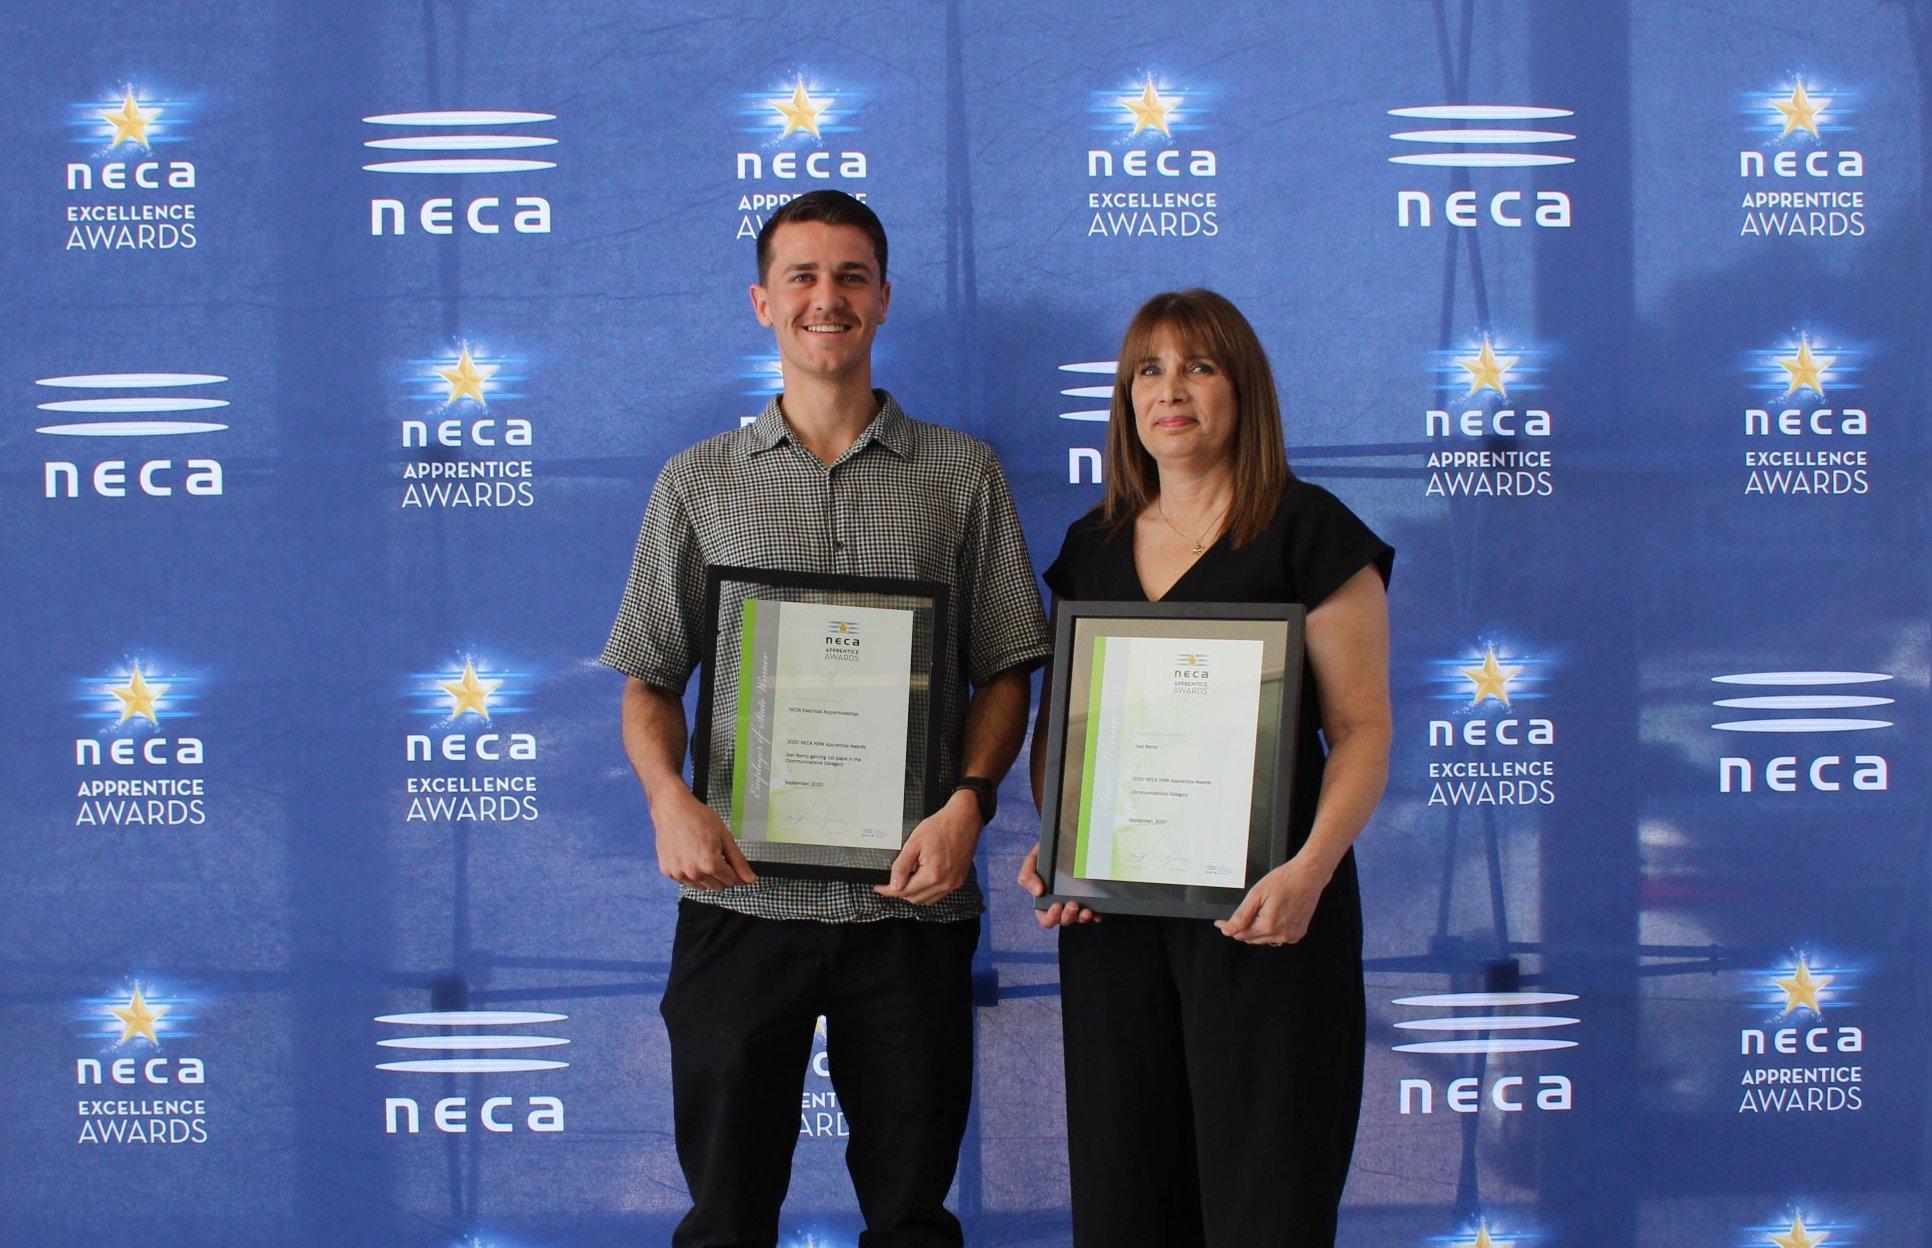 Joel Kemp – NSW NECA Apprentice Award Winner in Communications